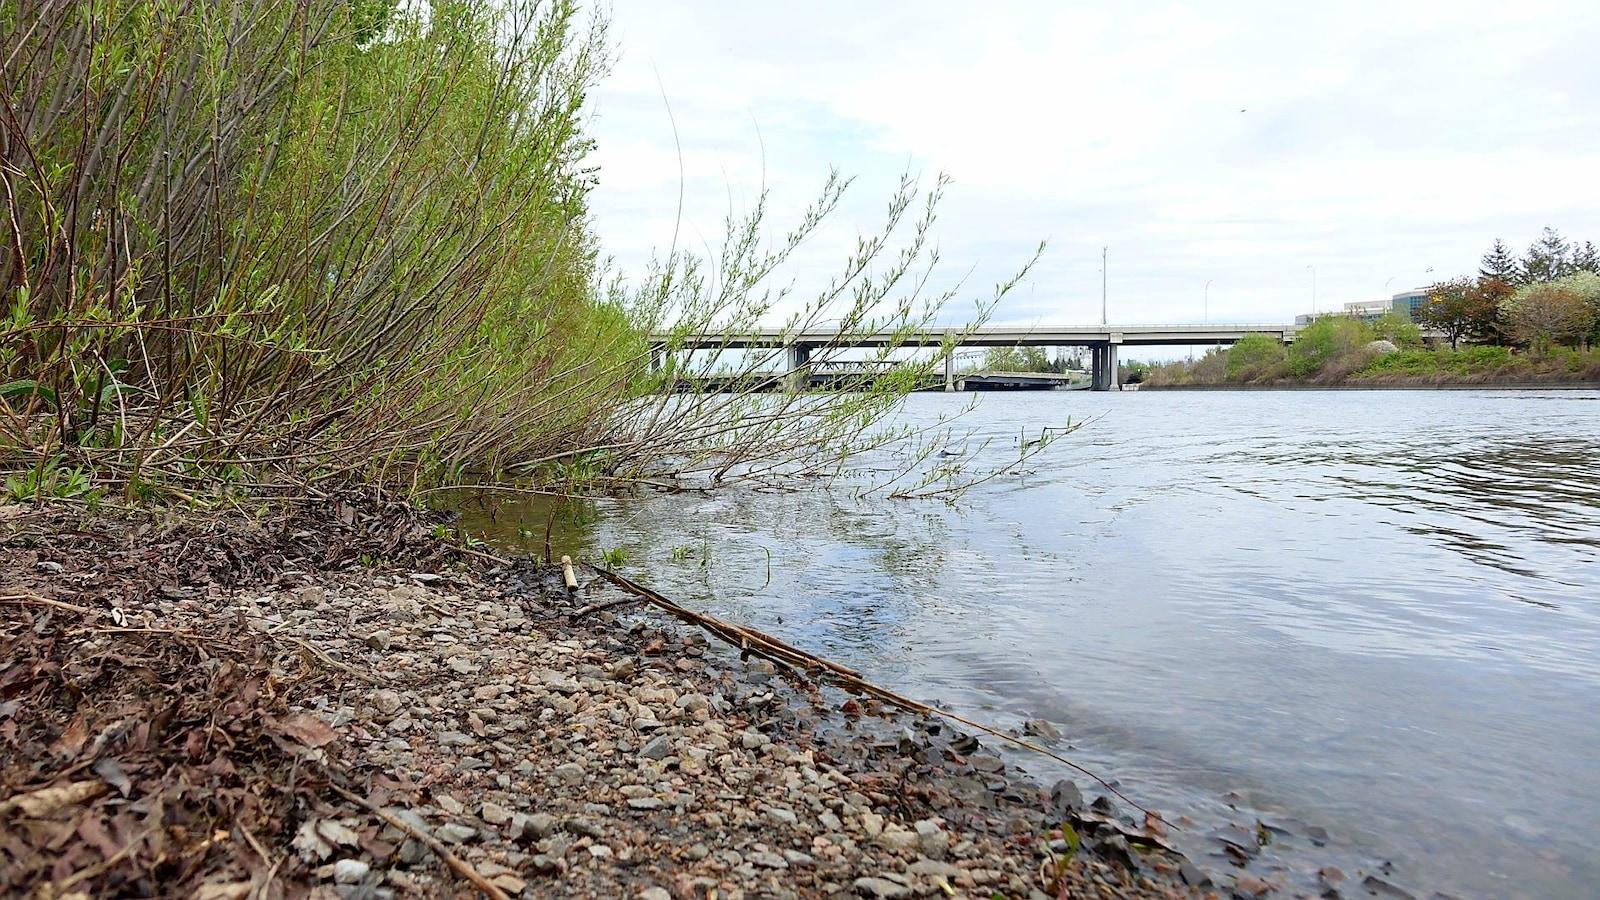 L'autoroute Dufferin-Montmorency vue d'une rive de la rivière Saint-Charles à Québec